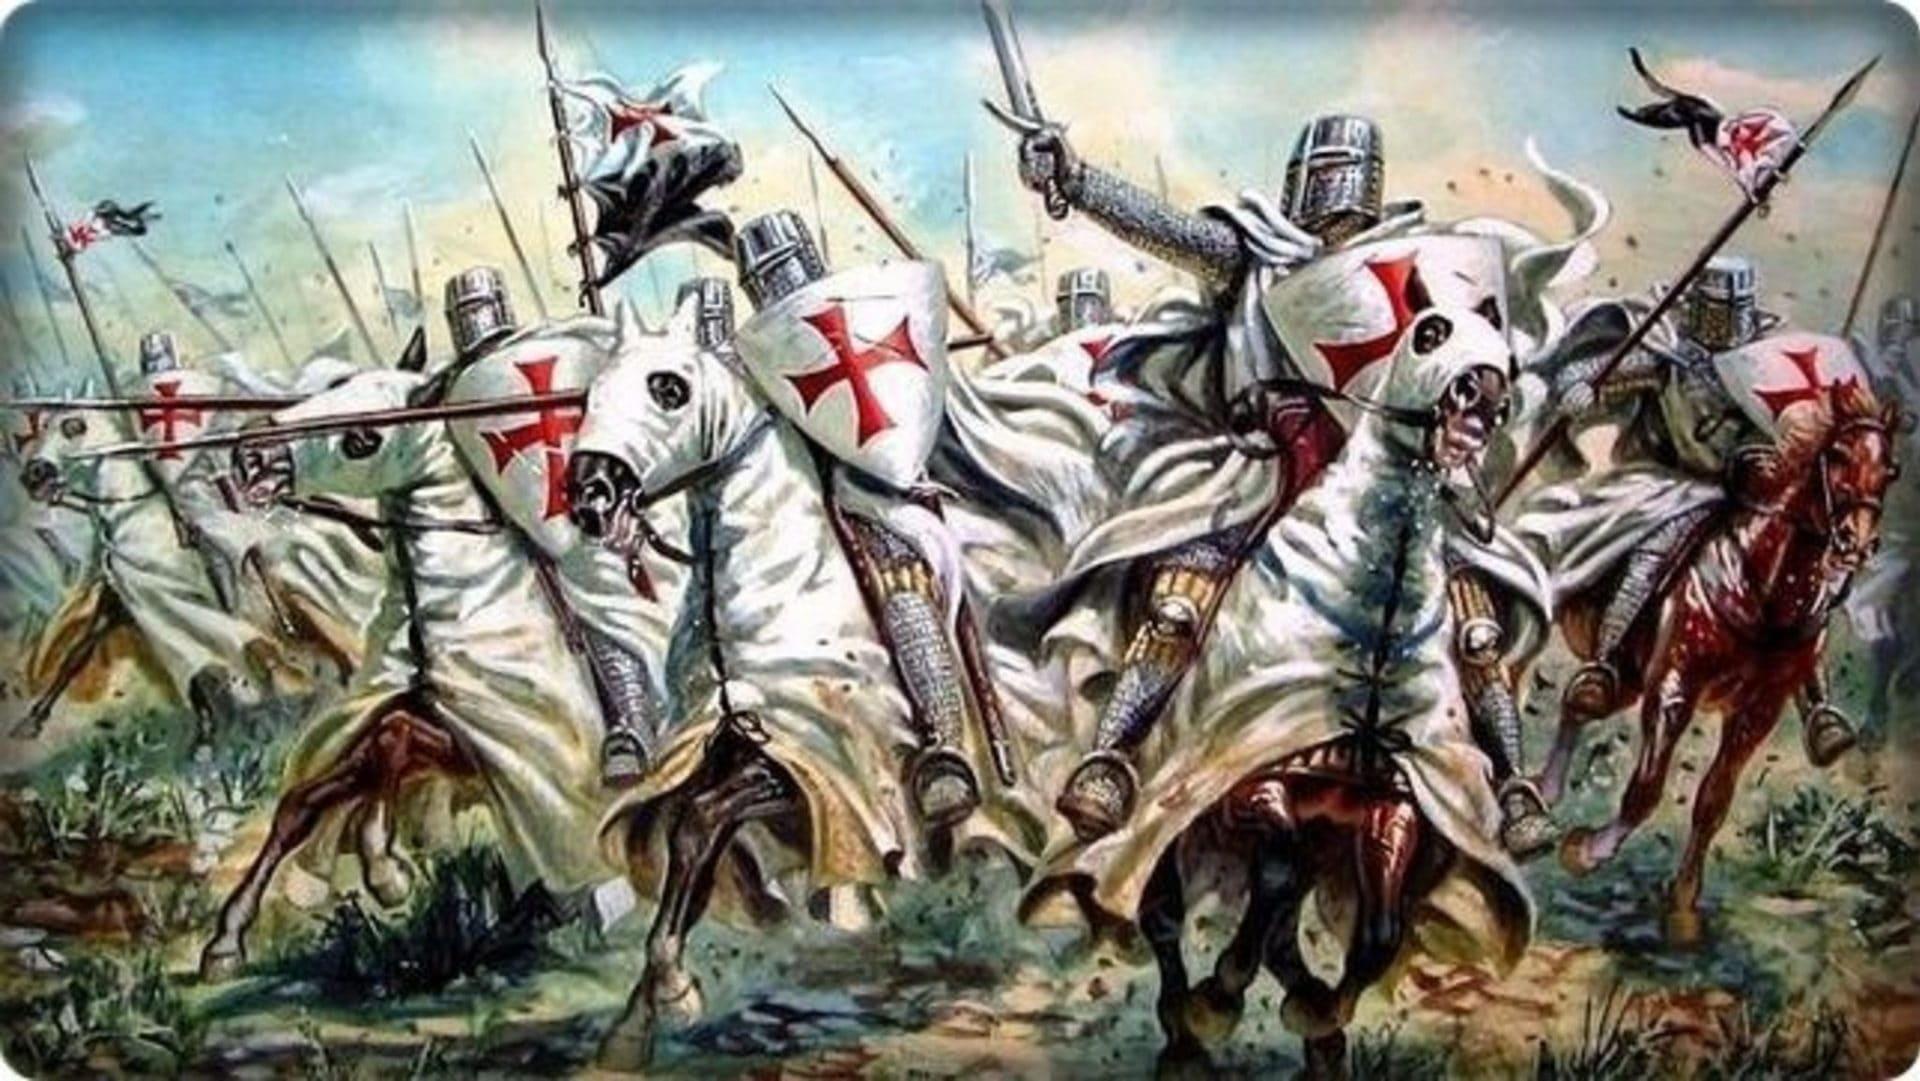 Continuando la Tradición Templaria